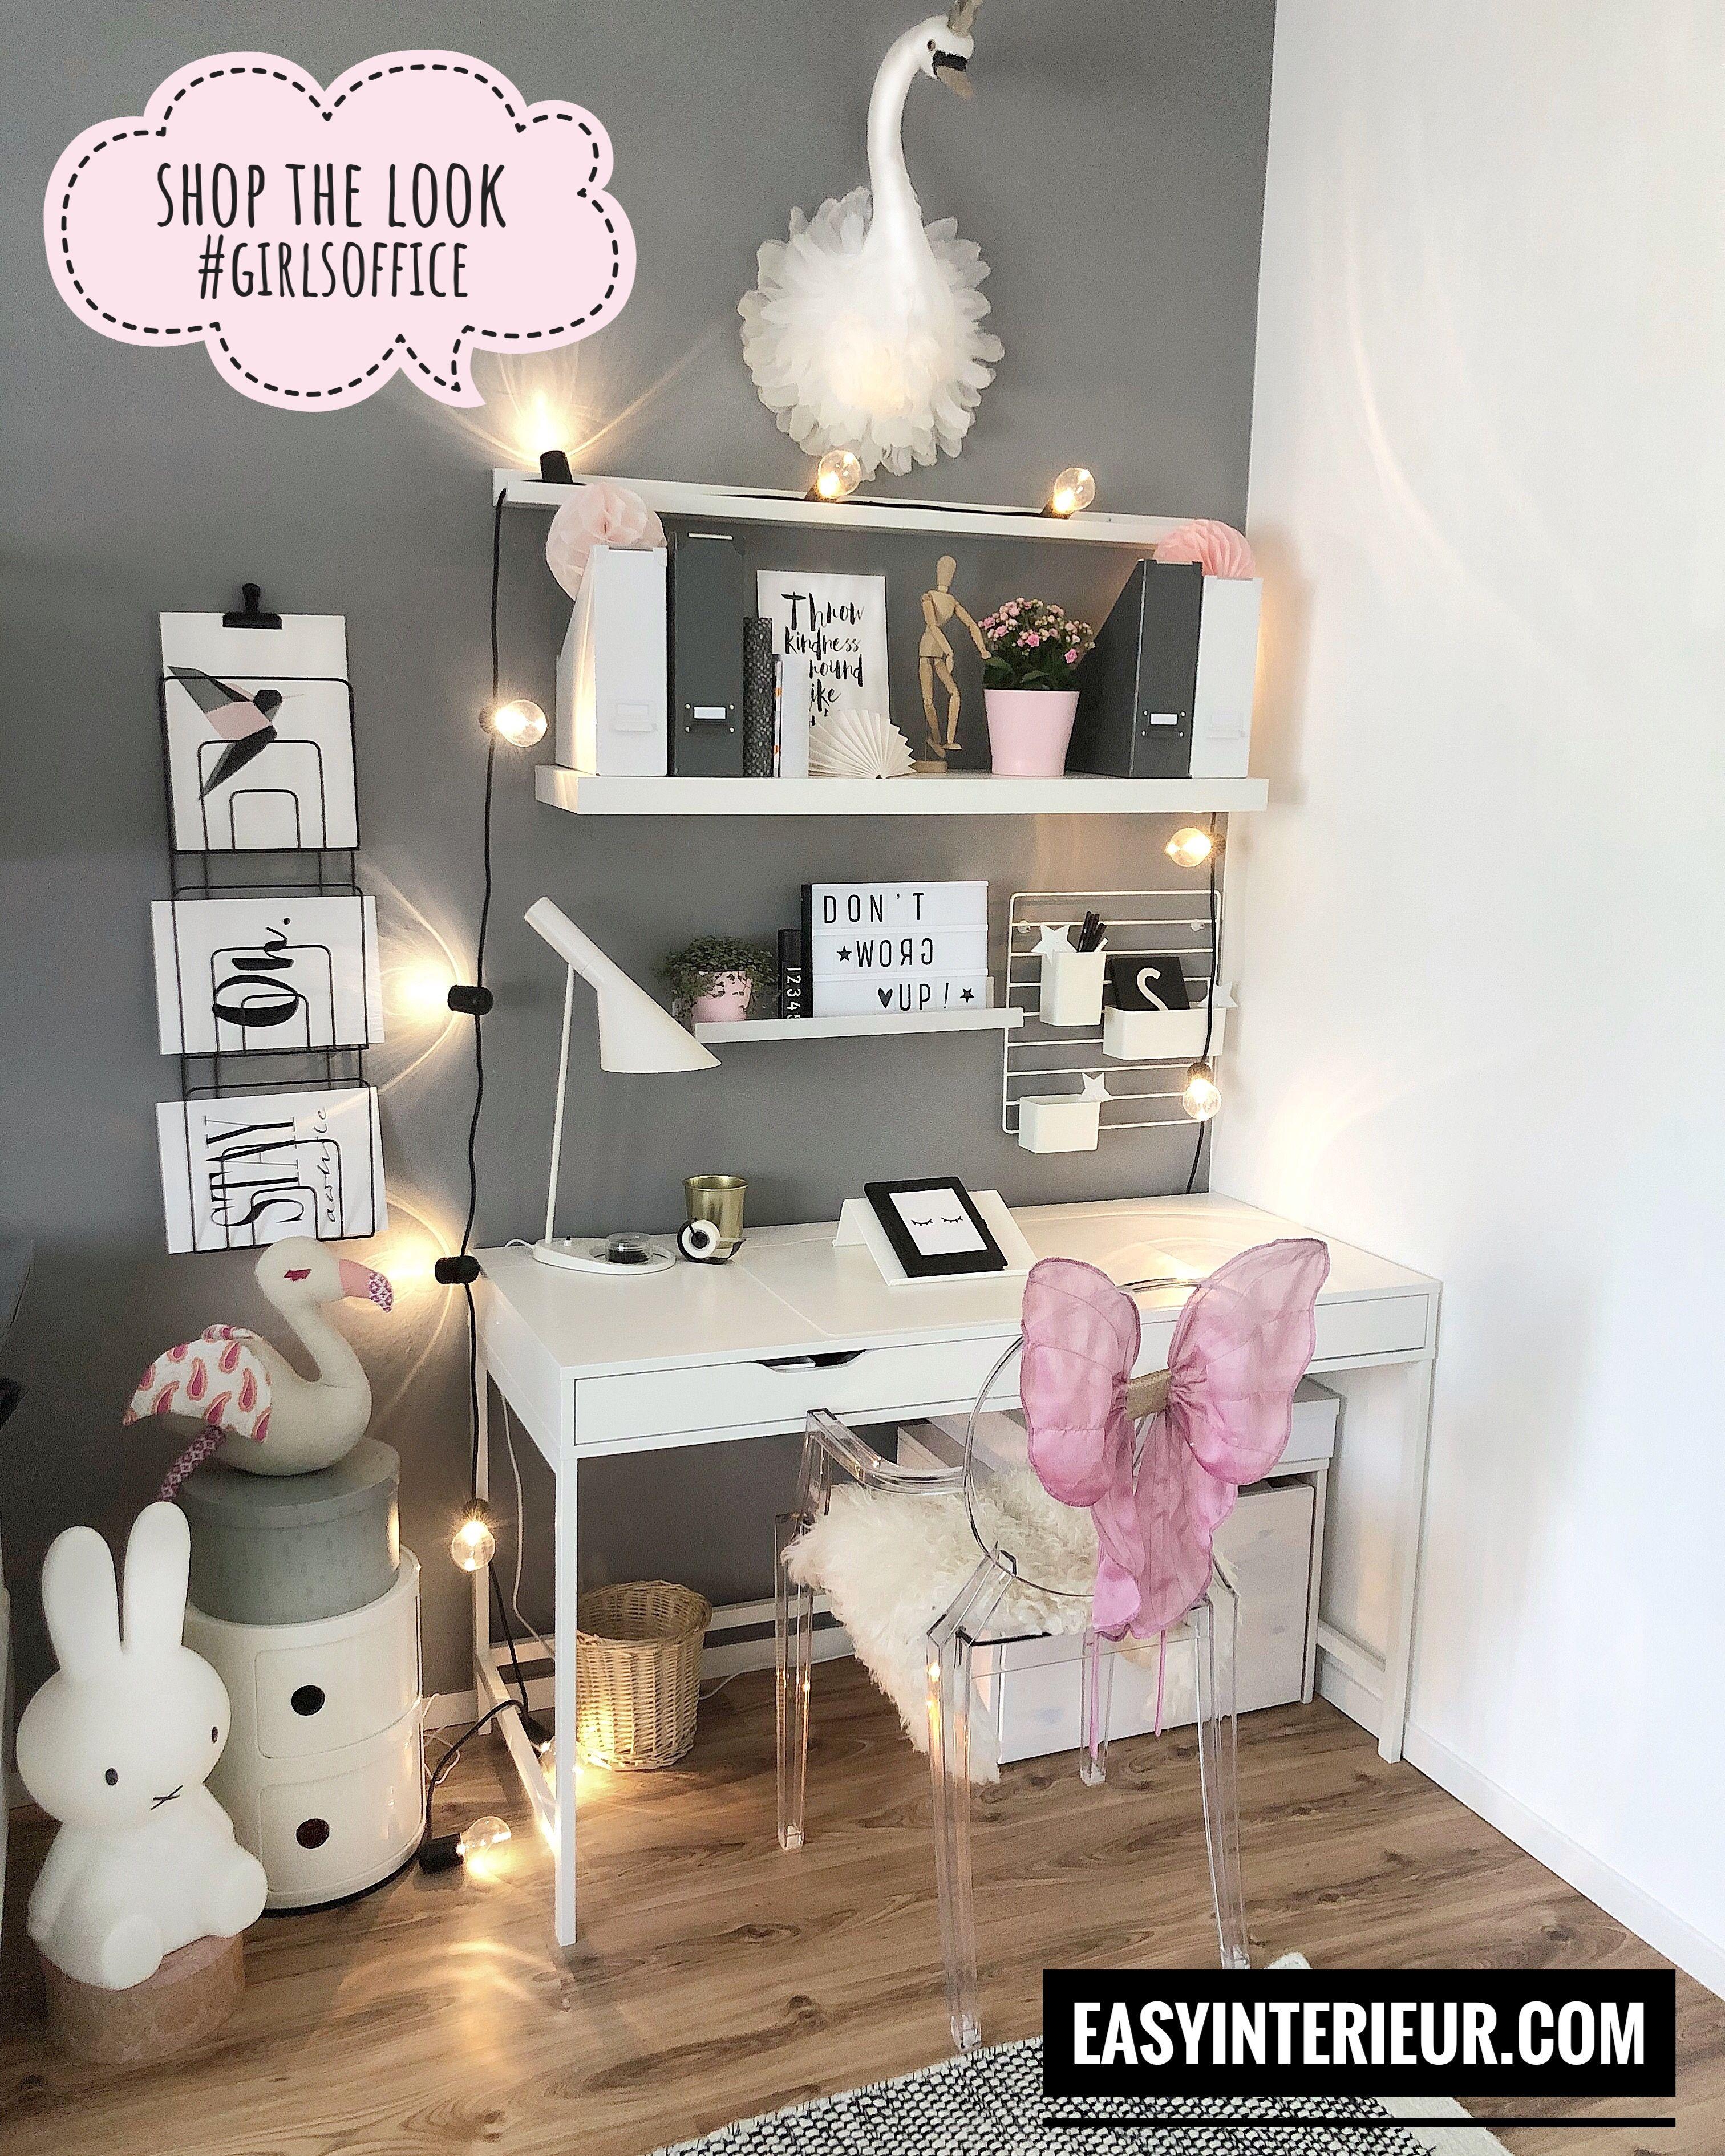 Shop The Look Girls Office Zimmer Einrichten Jugendzimmer Zimmer Einrichten Tumblr Zimmer Einrichtung